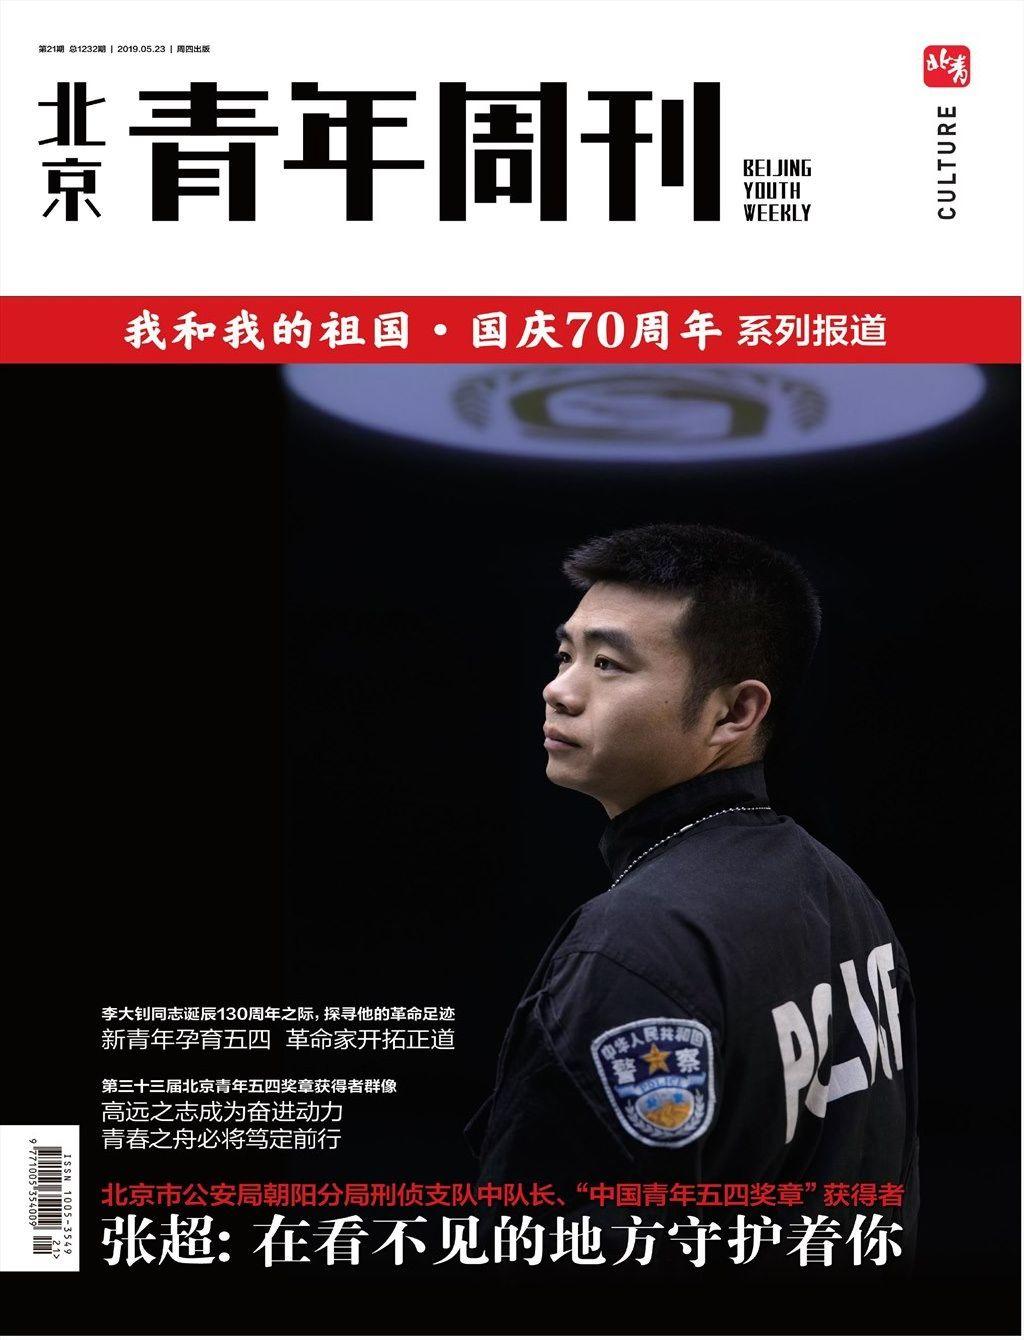 北京青年周刊 2019第21期